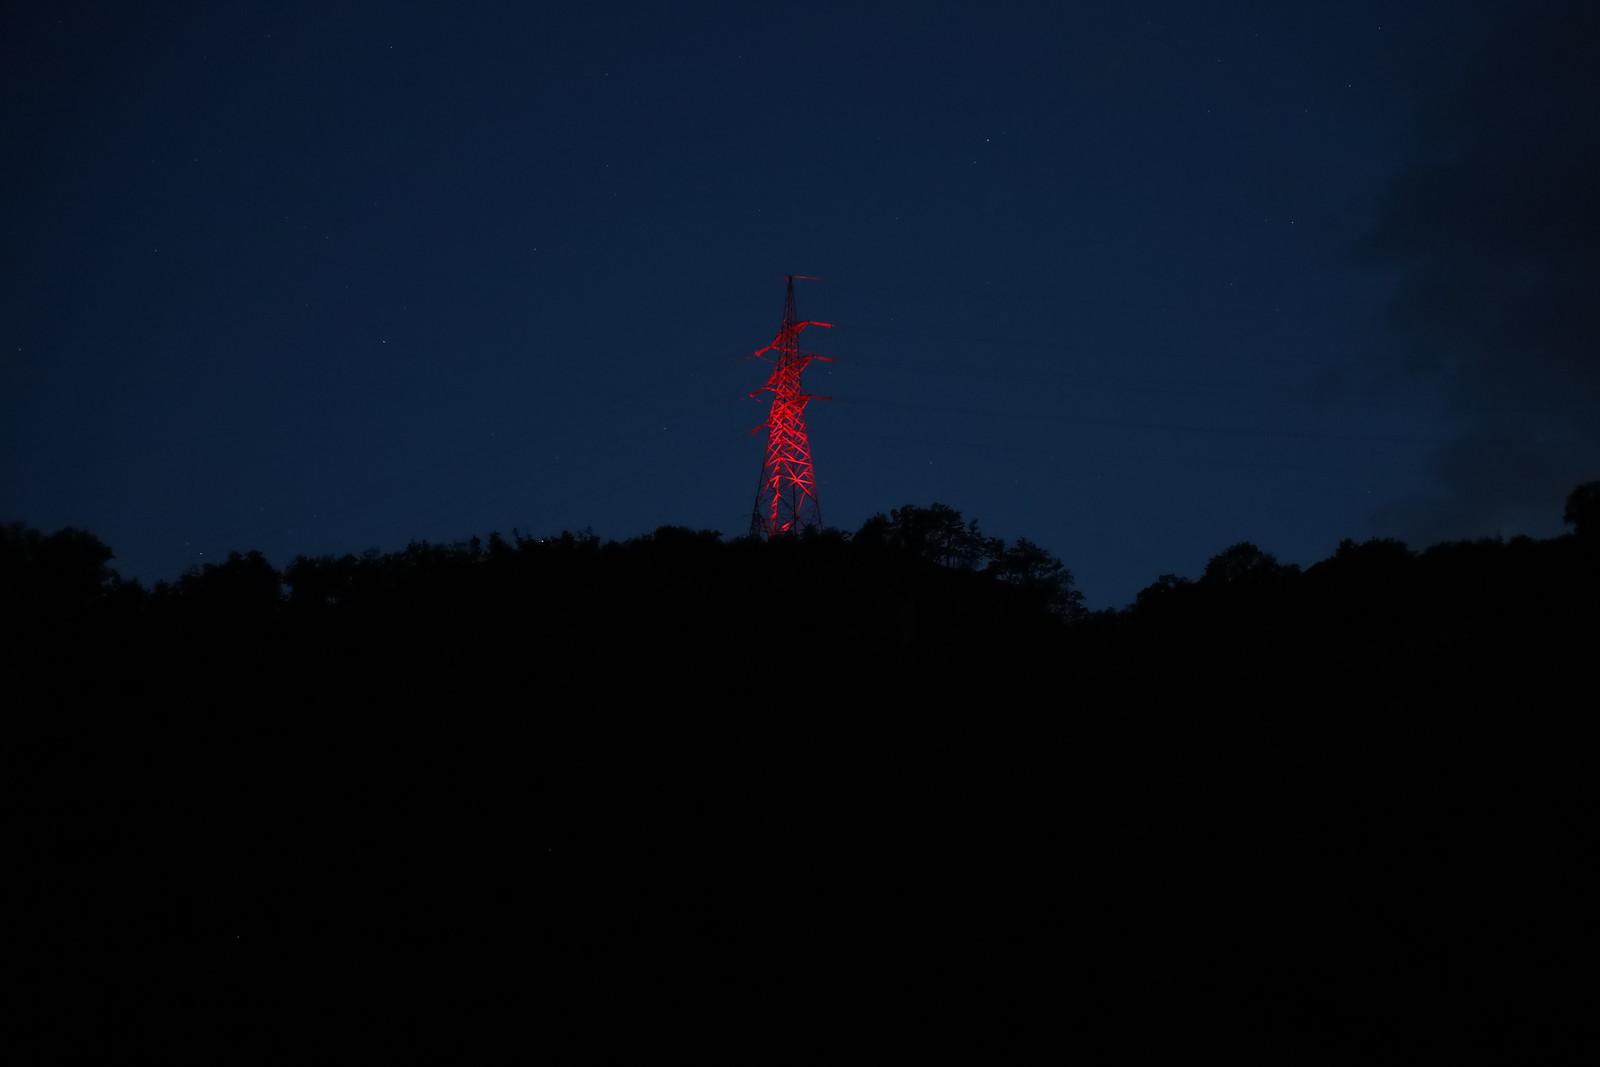 60 Jahre Feuernacht - Beleuchtung von Strommasten, 11.06.2021